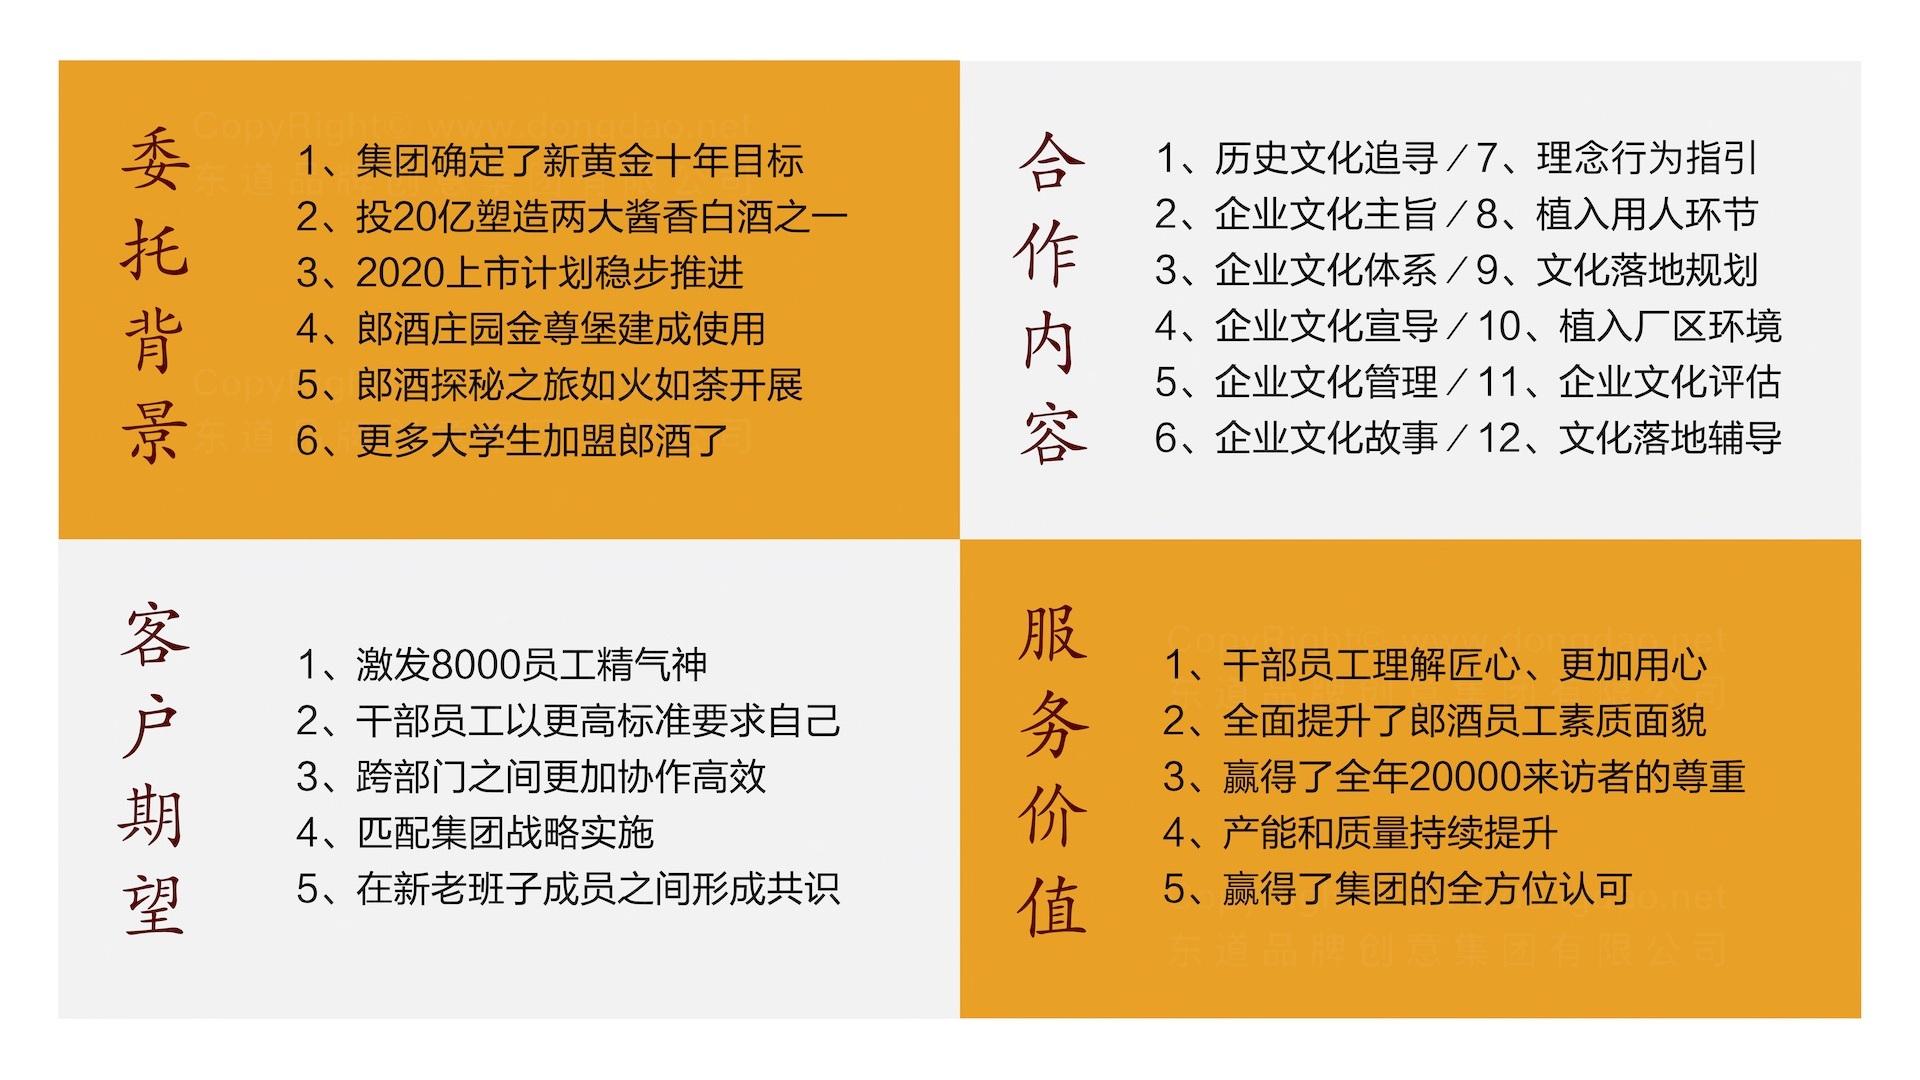 快速消费品牌战略&企业文化郎酒企业文化体系方案